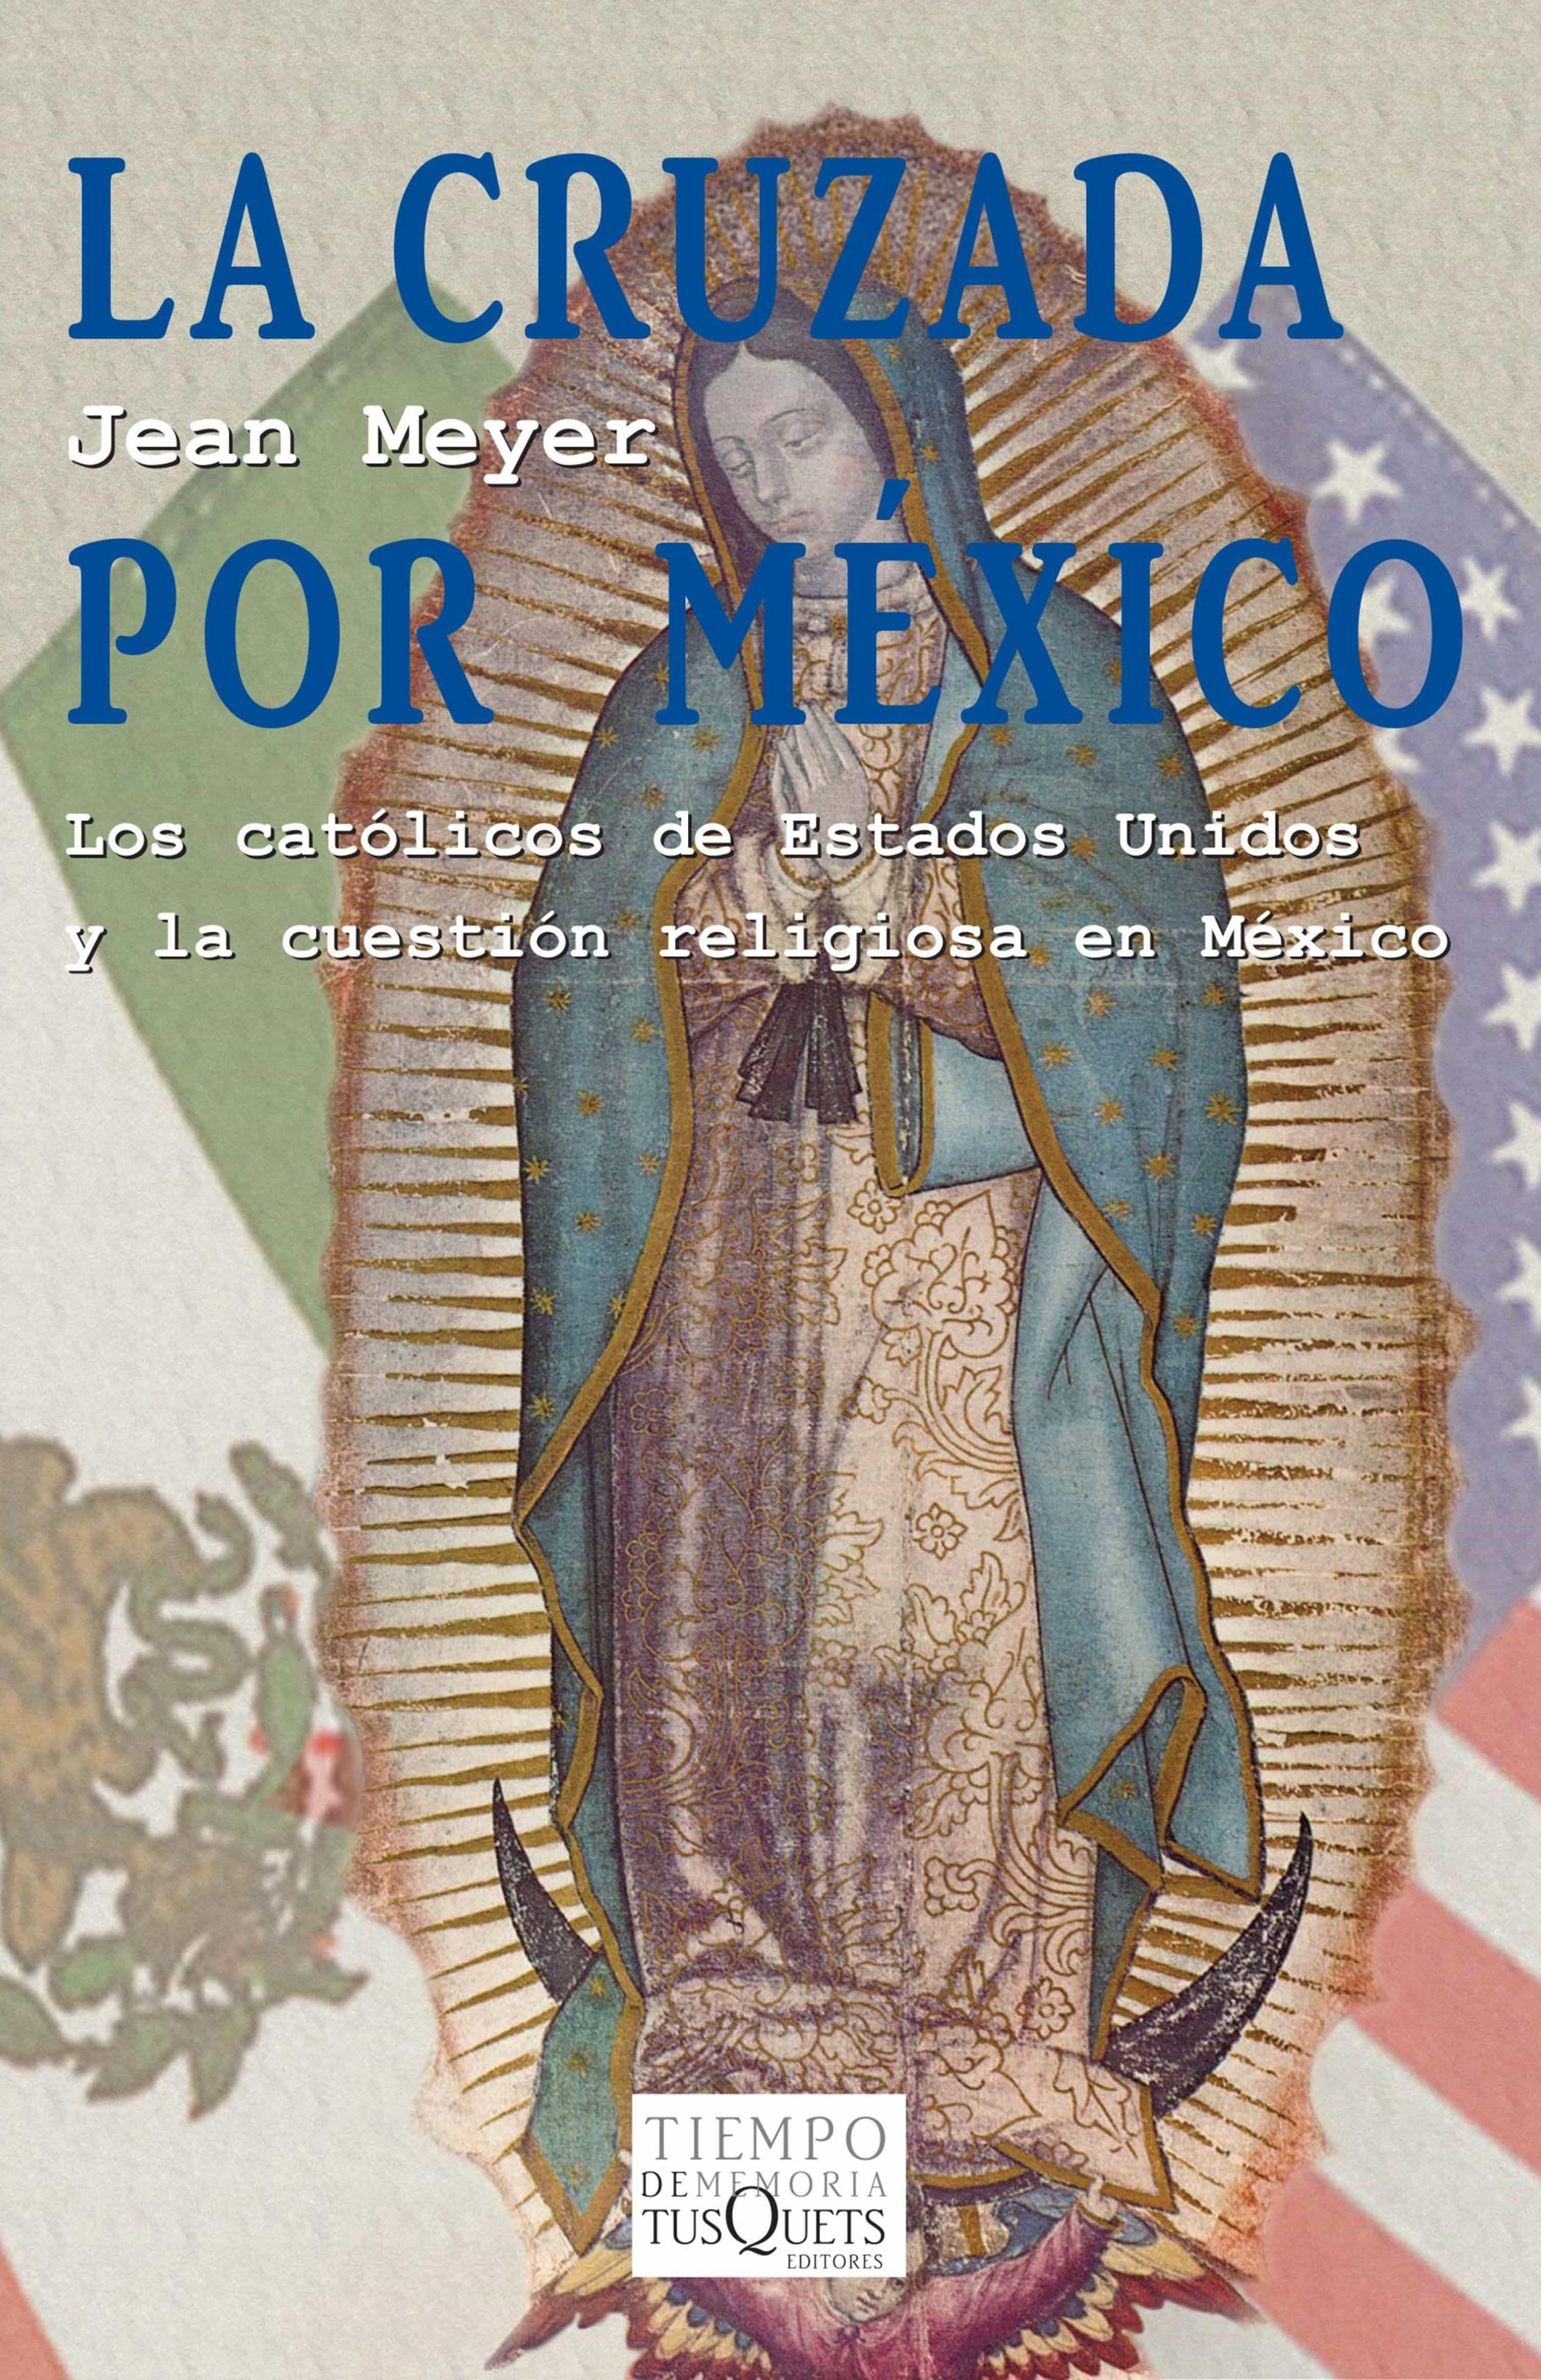 La cruzada por México: Los católicos de Estados Unidos y la cuestión religiosa en México